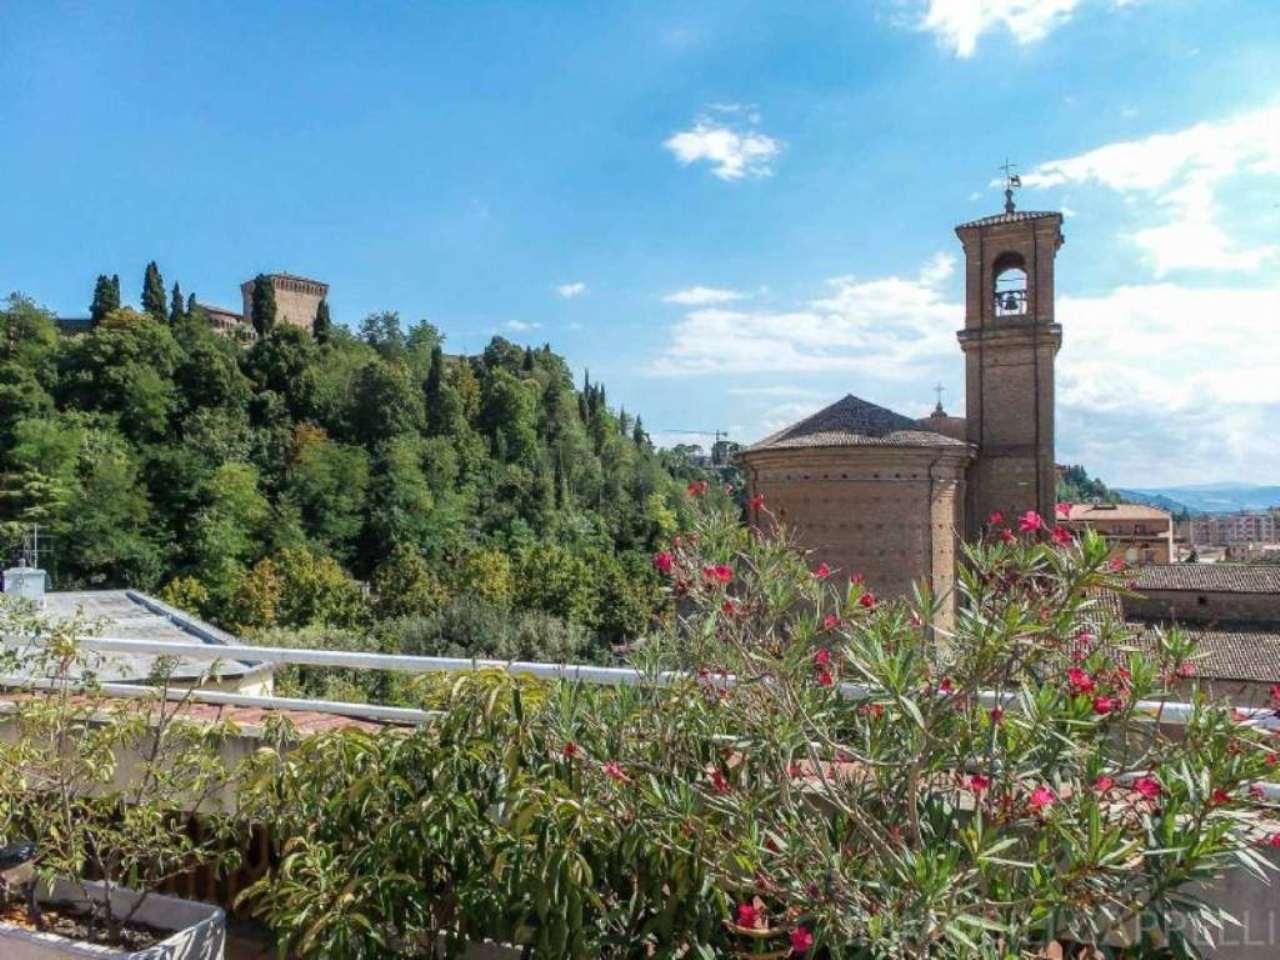 Attico / Mansarda in vendita a Cesena, 6 locali, Trattative riservate | CambioCasa.it